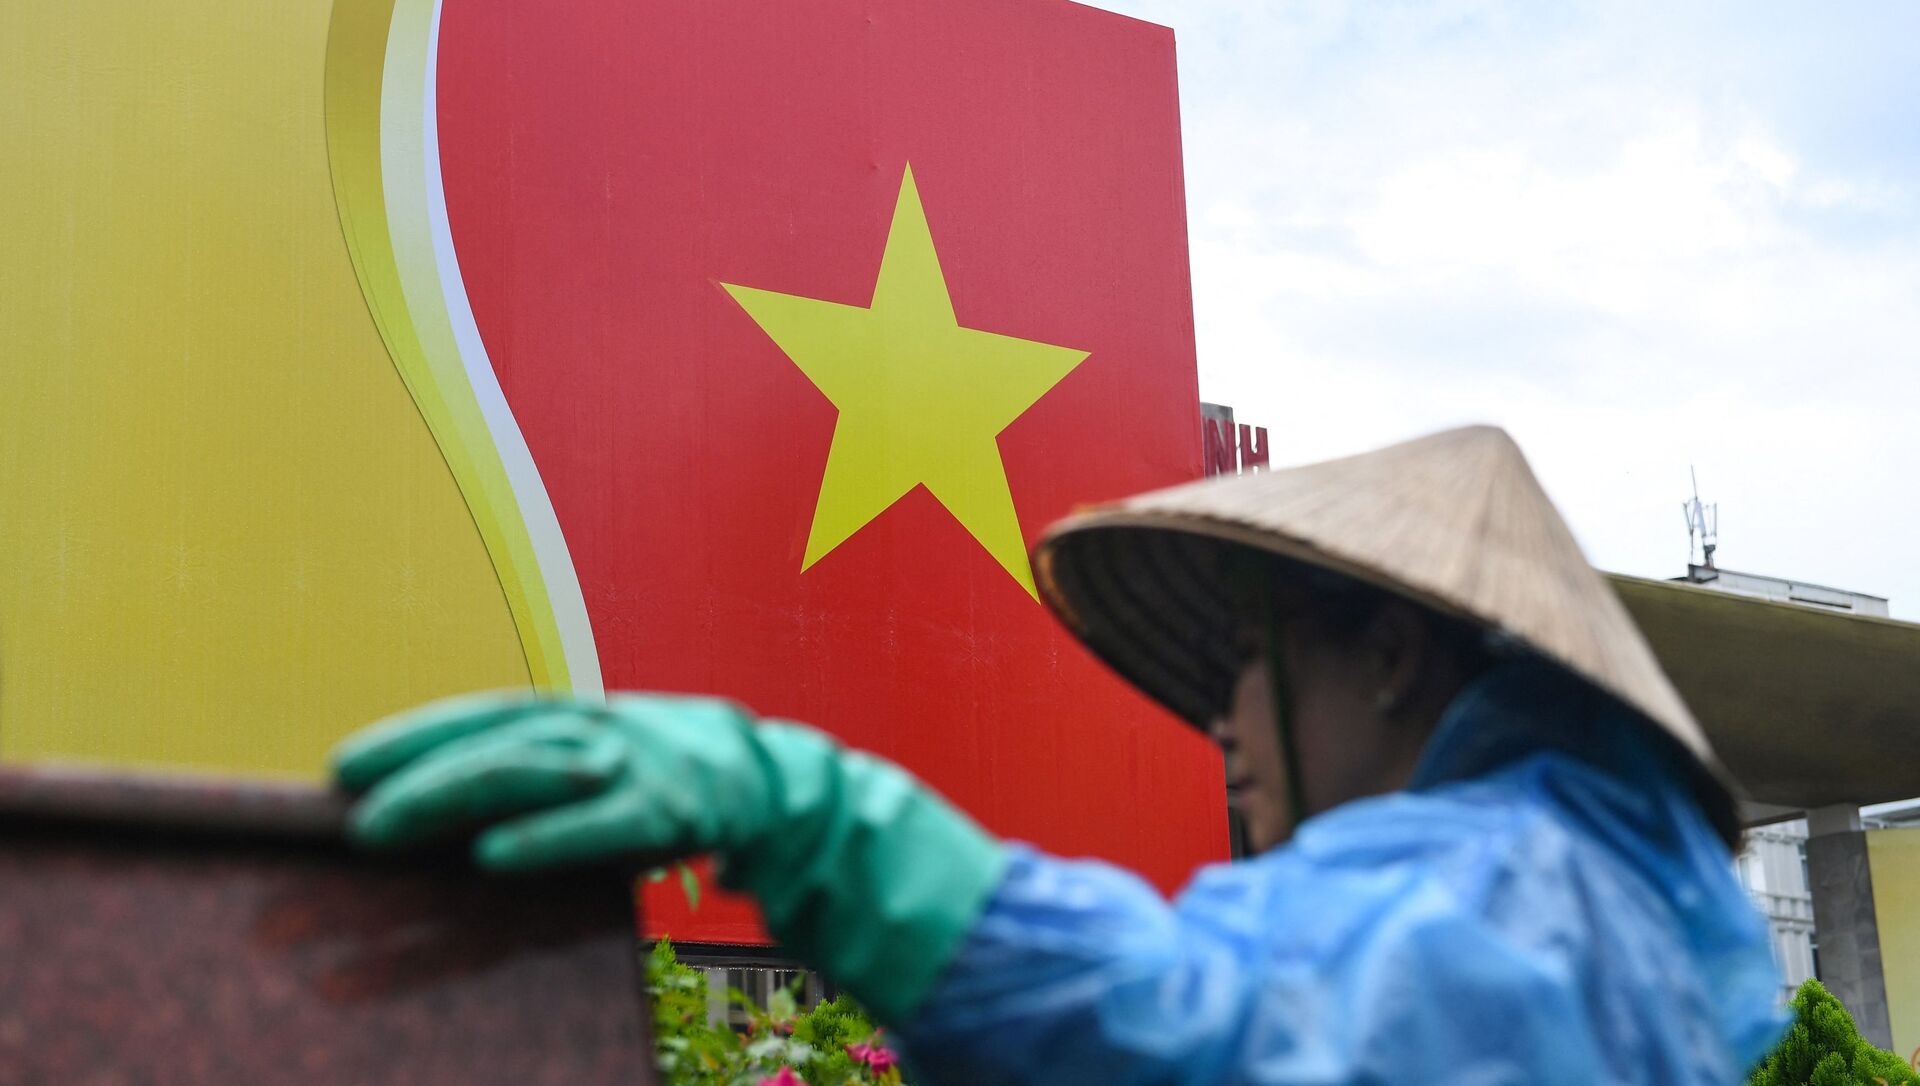 Quốc kỳ Việt Nam. - Sputnik Việt Nam, 1920, 01.04.2021